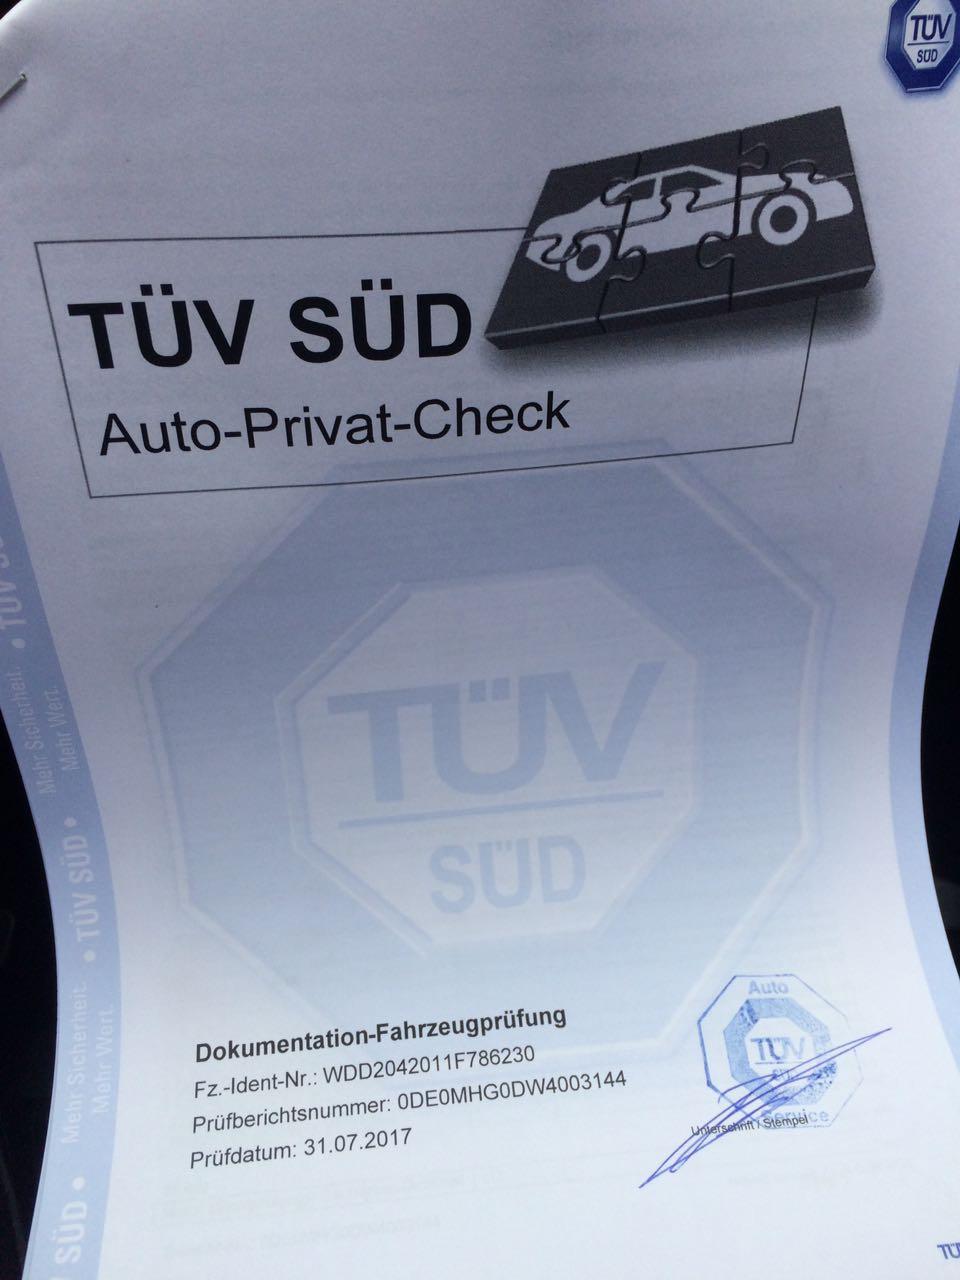 Preminat technicheski pregled na myasto v Germaniya. Mercedes C 200 CDI 2.2D Avantgarde , 136 к.с. 10.08.2017 TÜV (1)